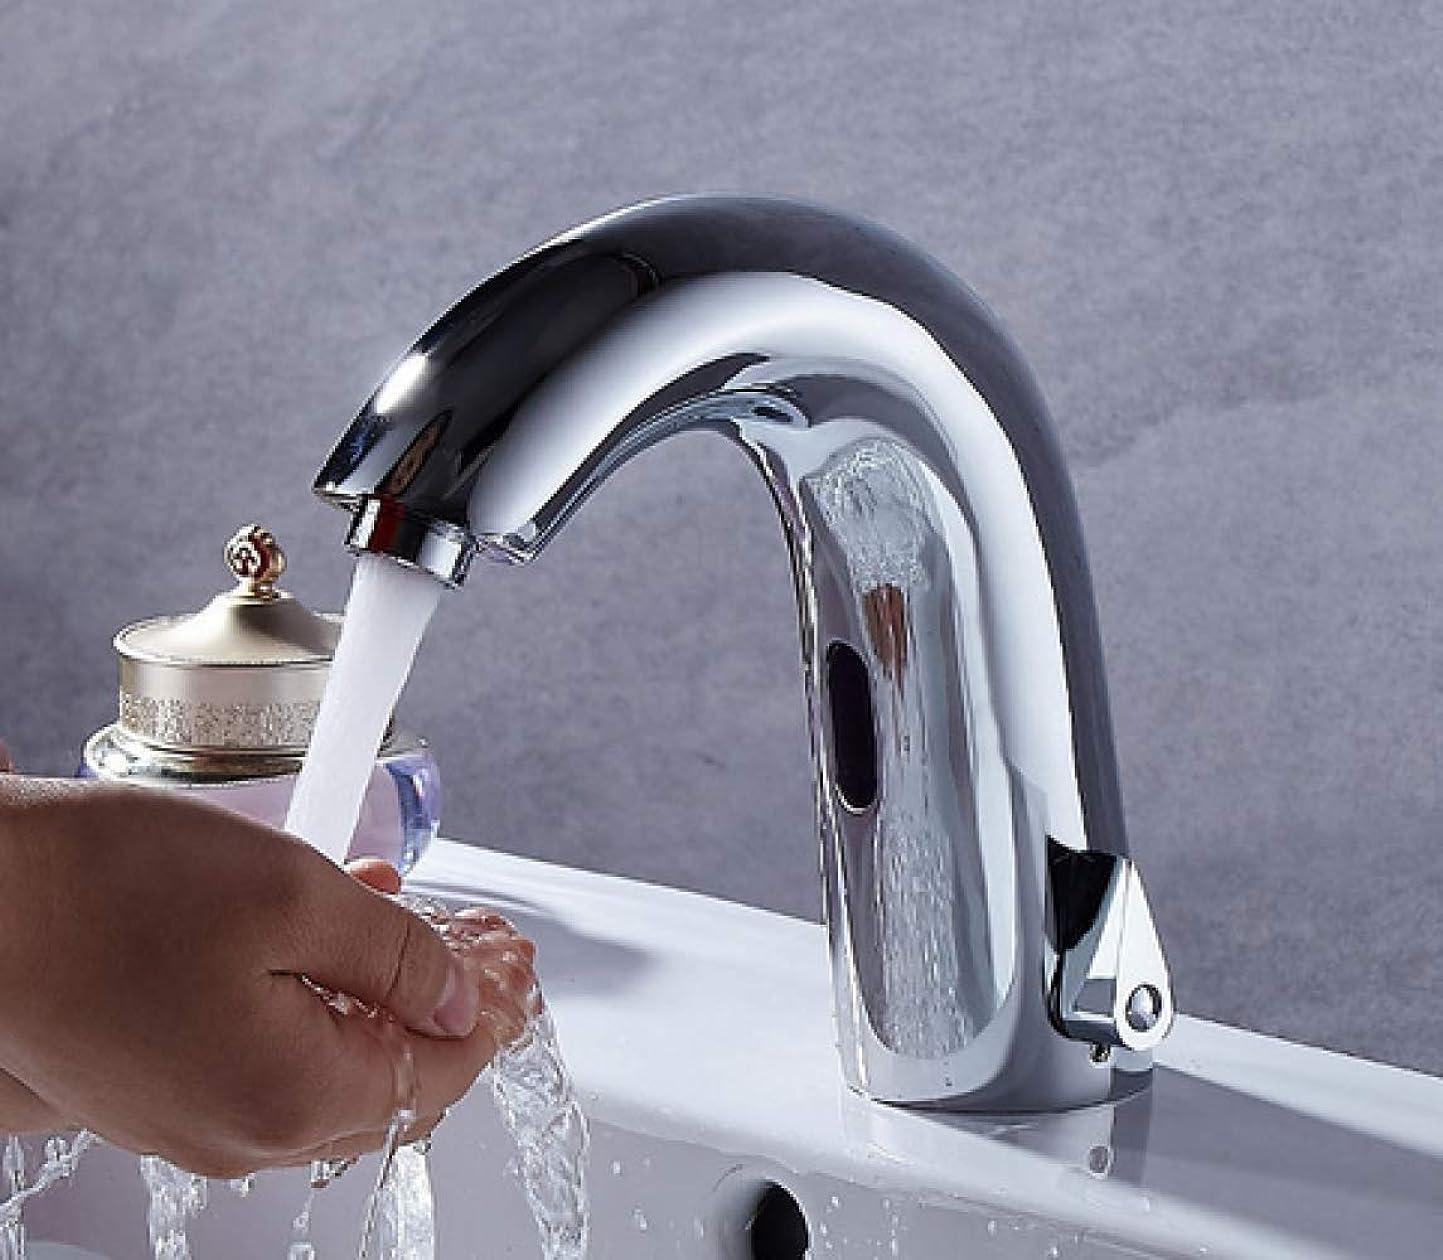 旅行糞息子ZT-TTHG すべての銅温水と冷水自動水栓公衆トイレ商業スーパー洗面台洗面蛇口